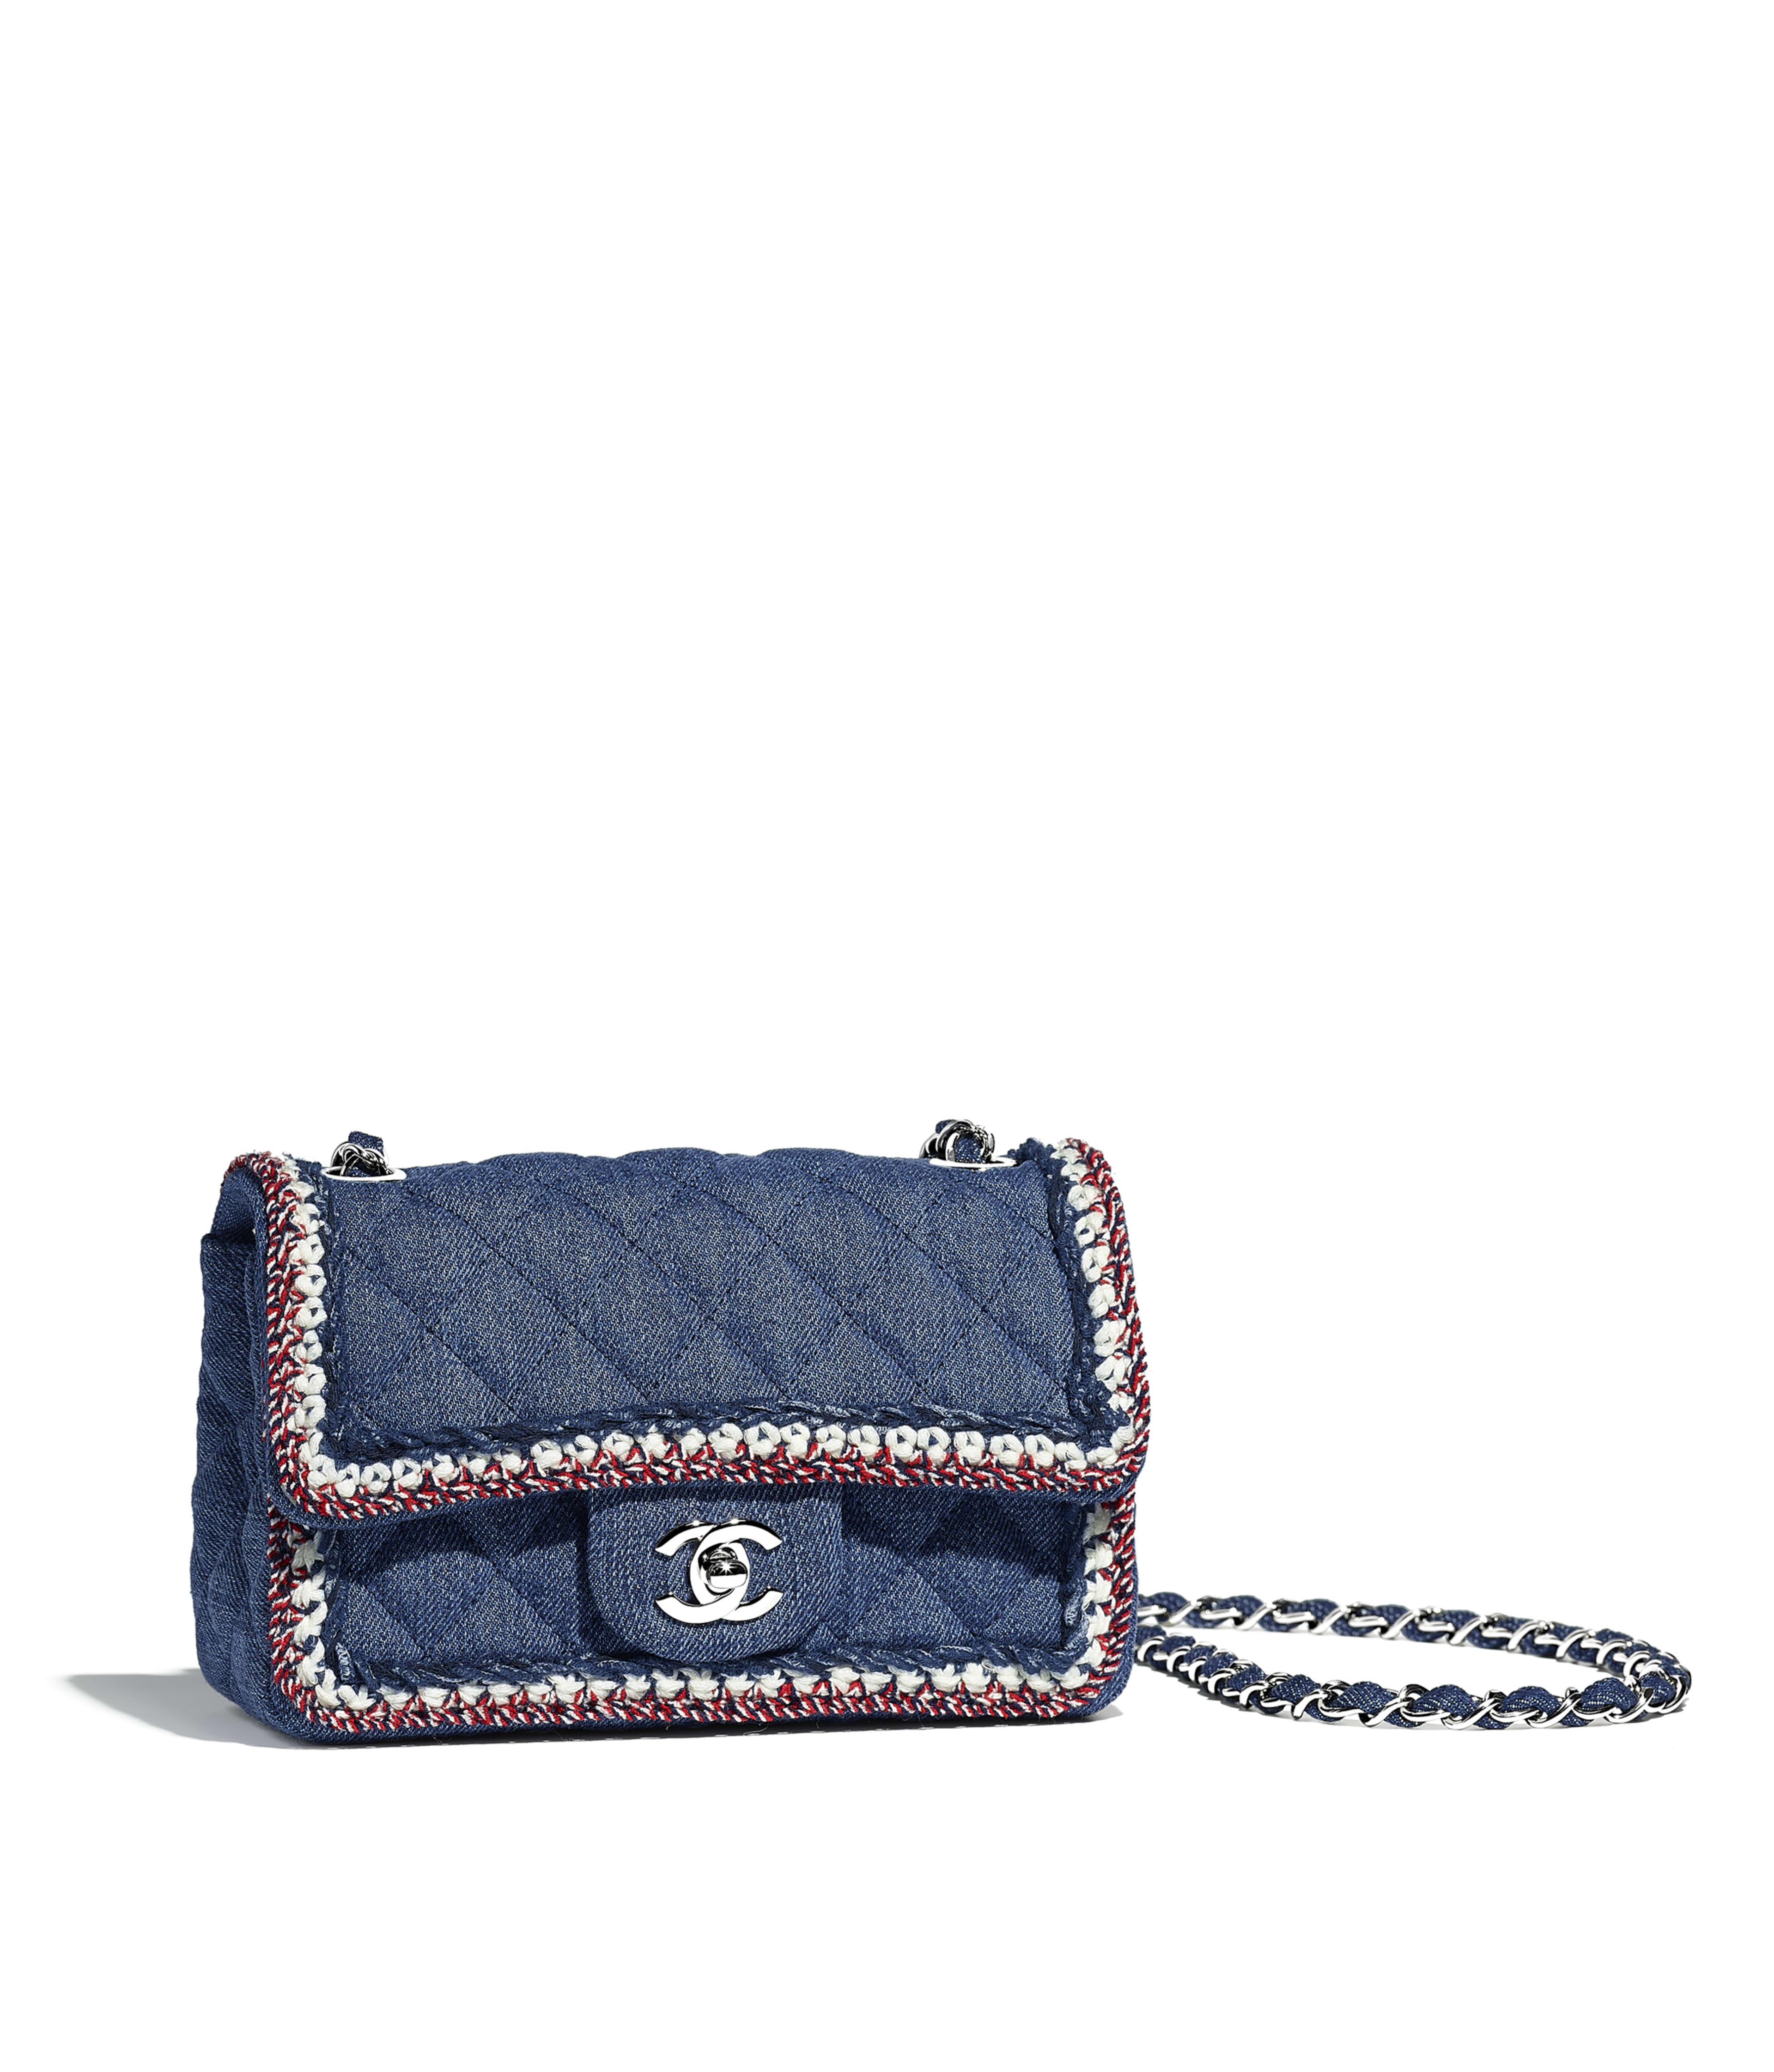 Mini Flap Bag Denim Braid Silver Tone Metal Dark Blue Ref A69900y838715b449